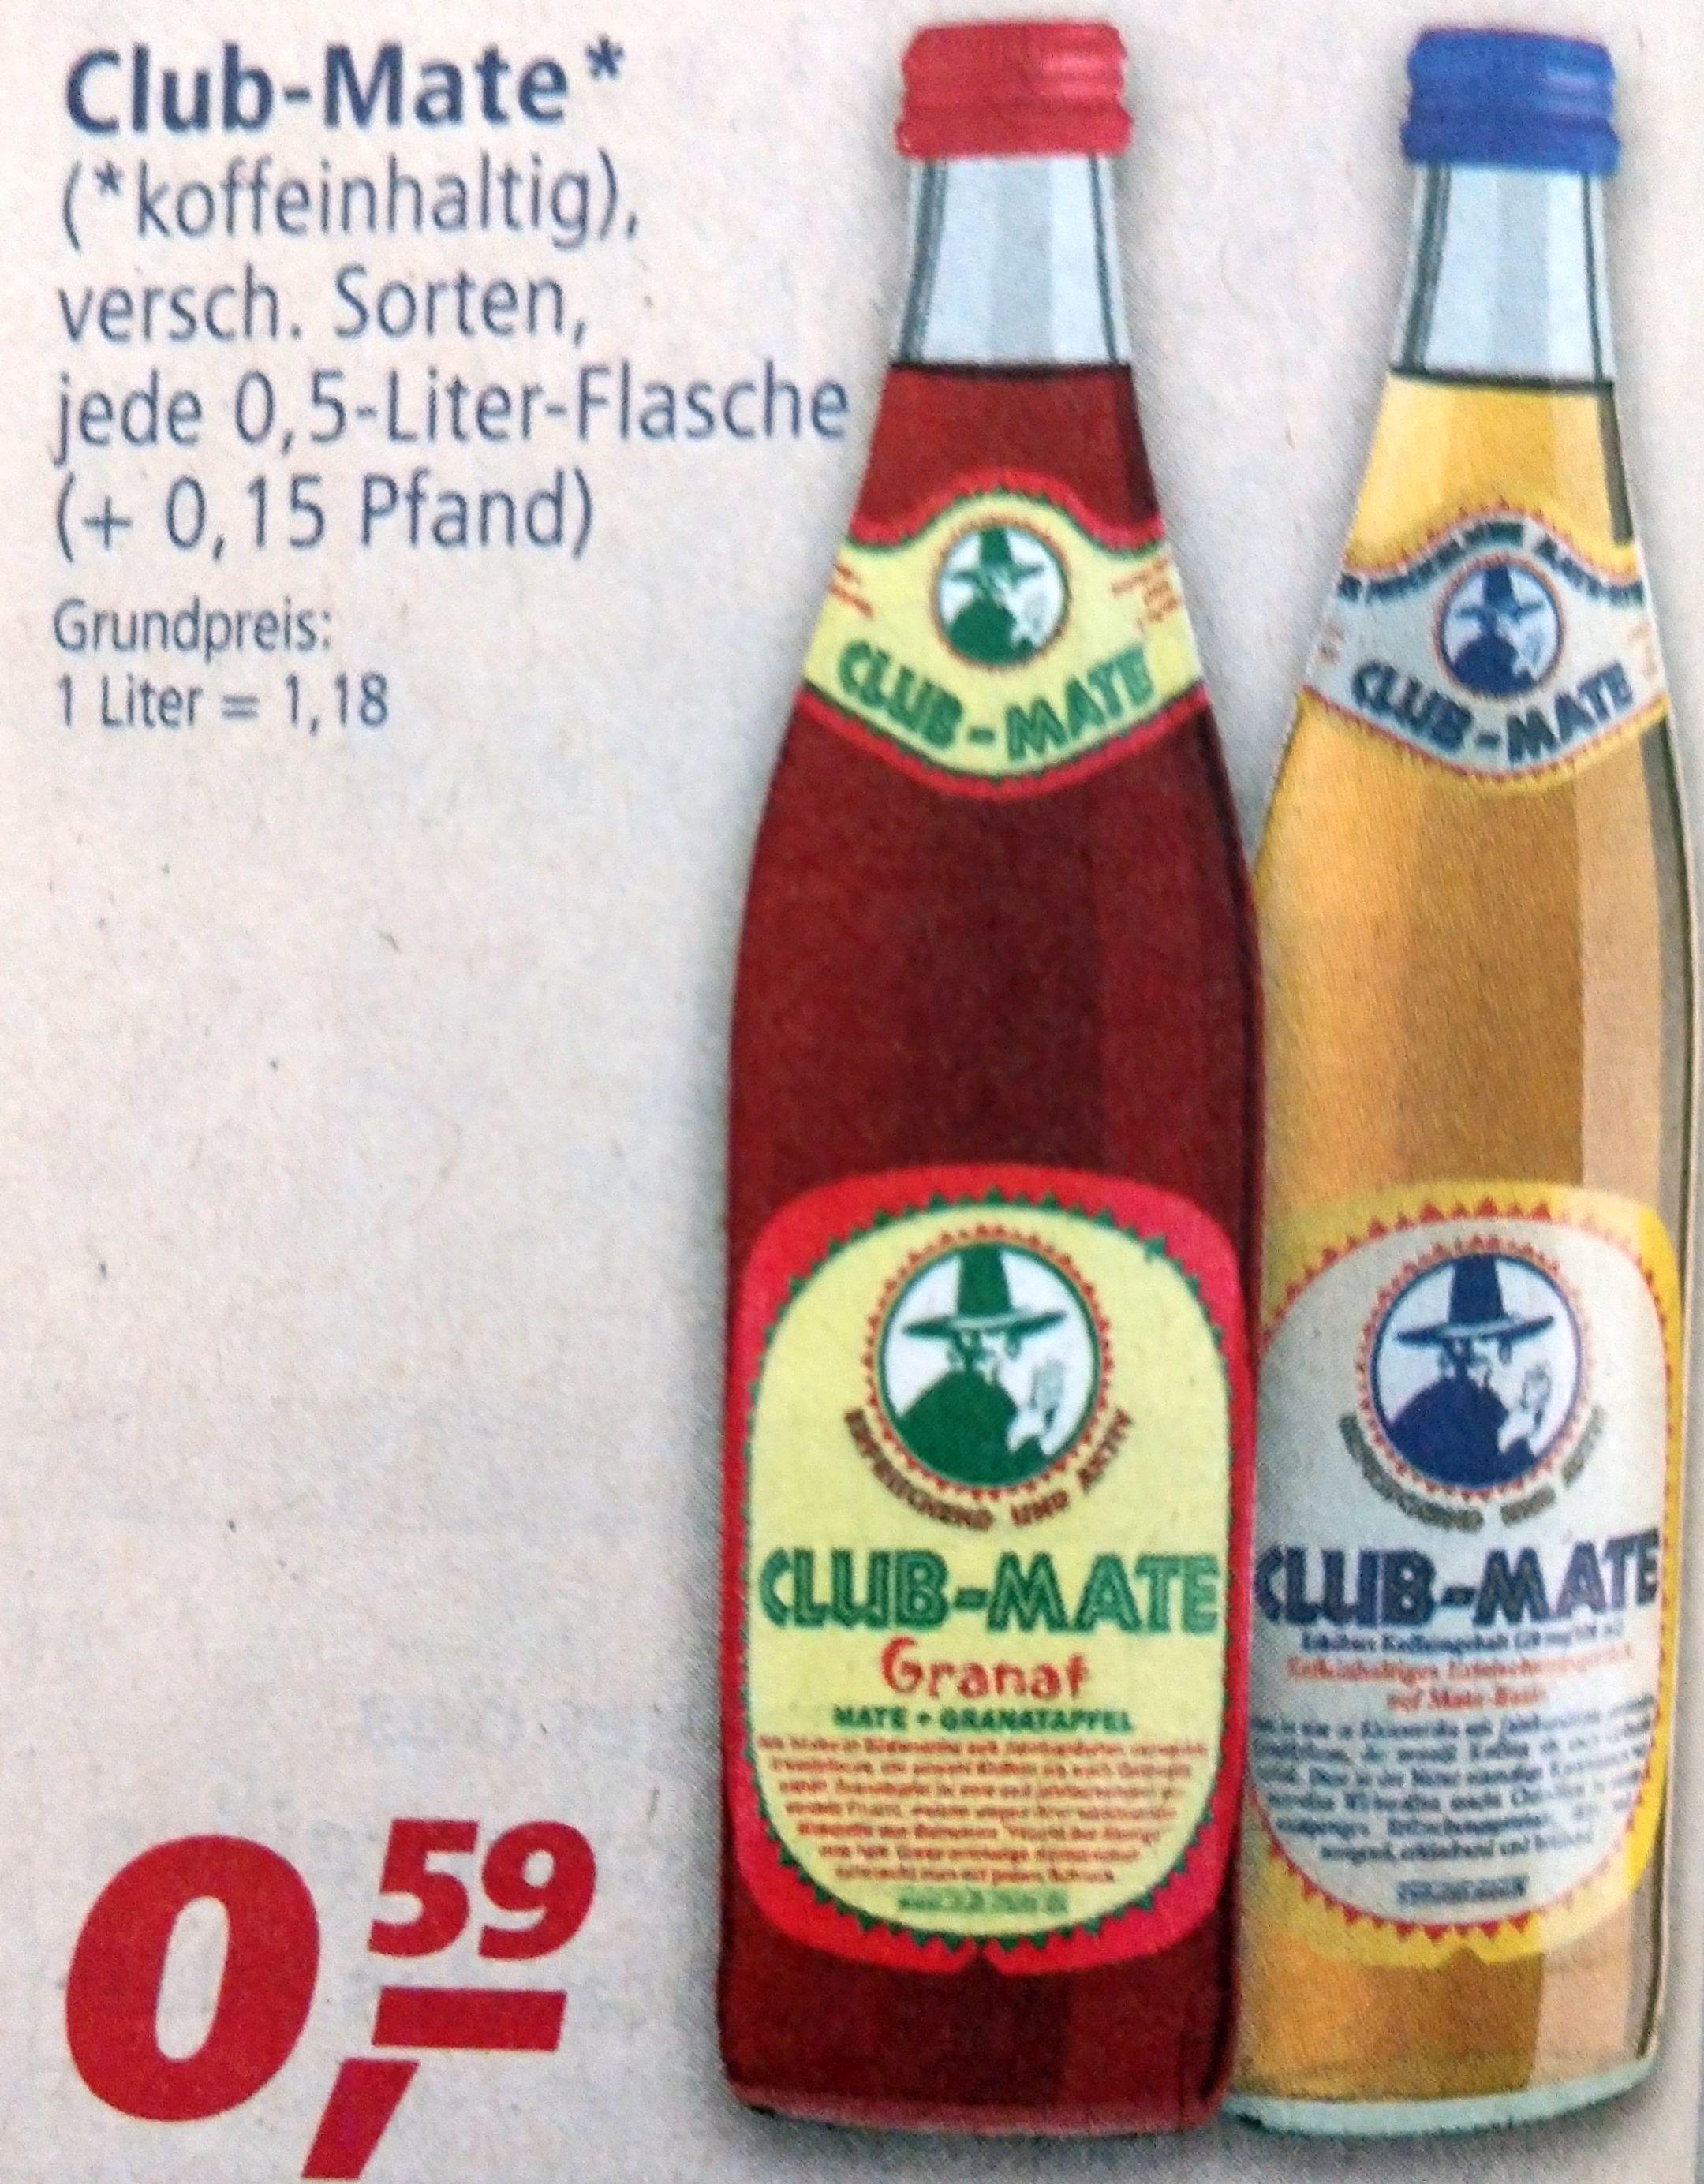 [Berlin] Club-Mate (0.5 Liter-Flasche, verschiedene Sorten) für 59 Cent + Pfand bei real ab Montag, 03.06.